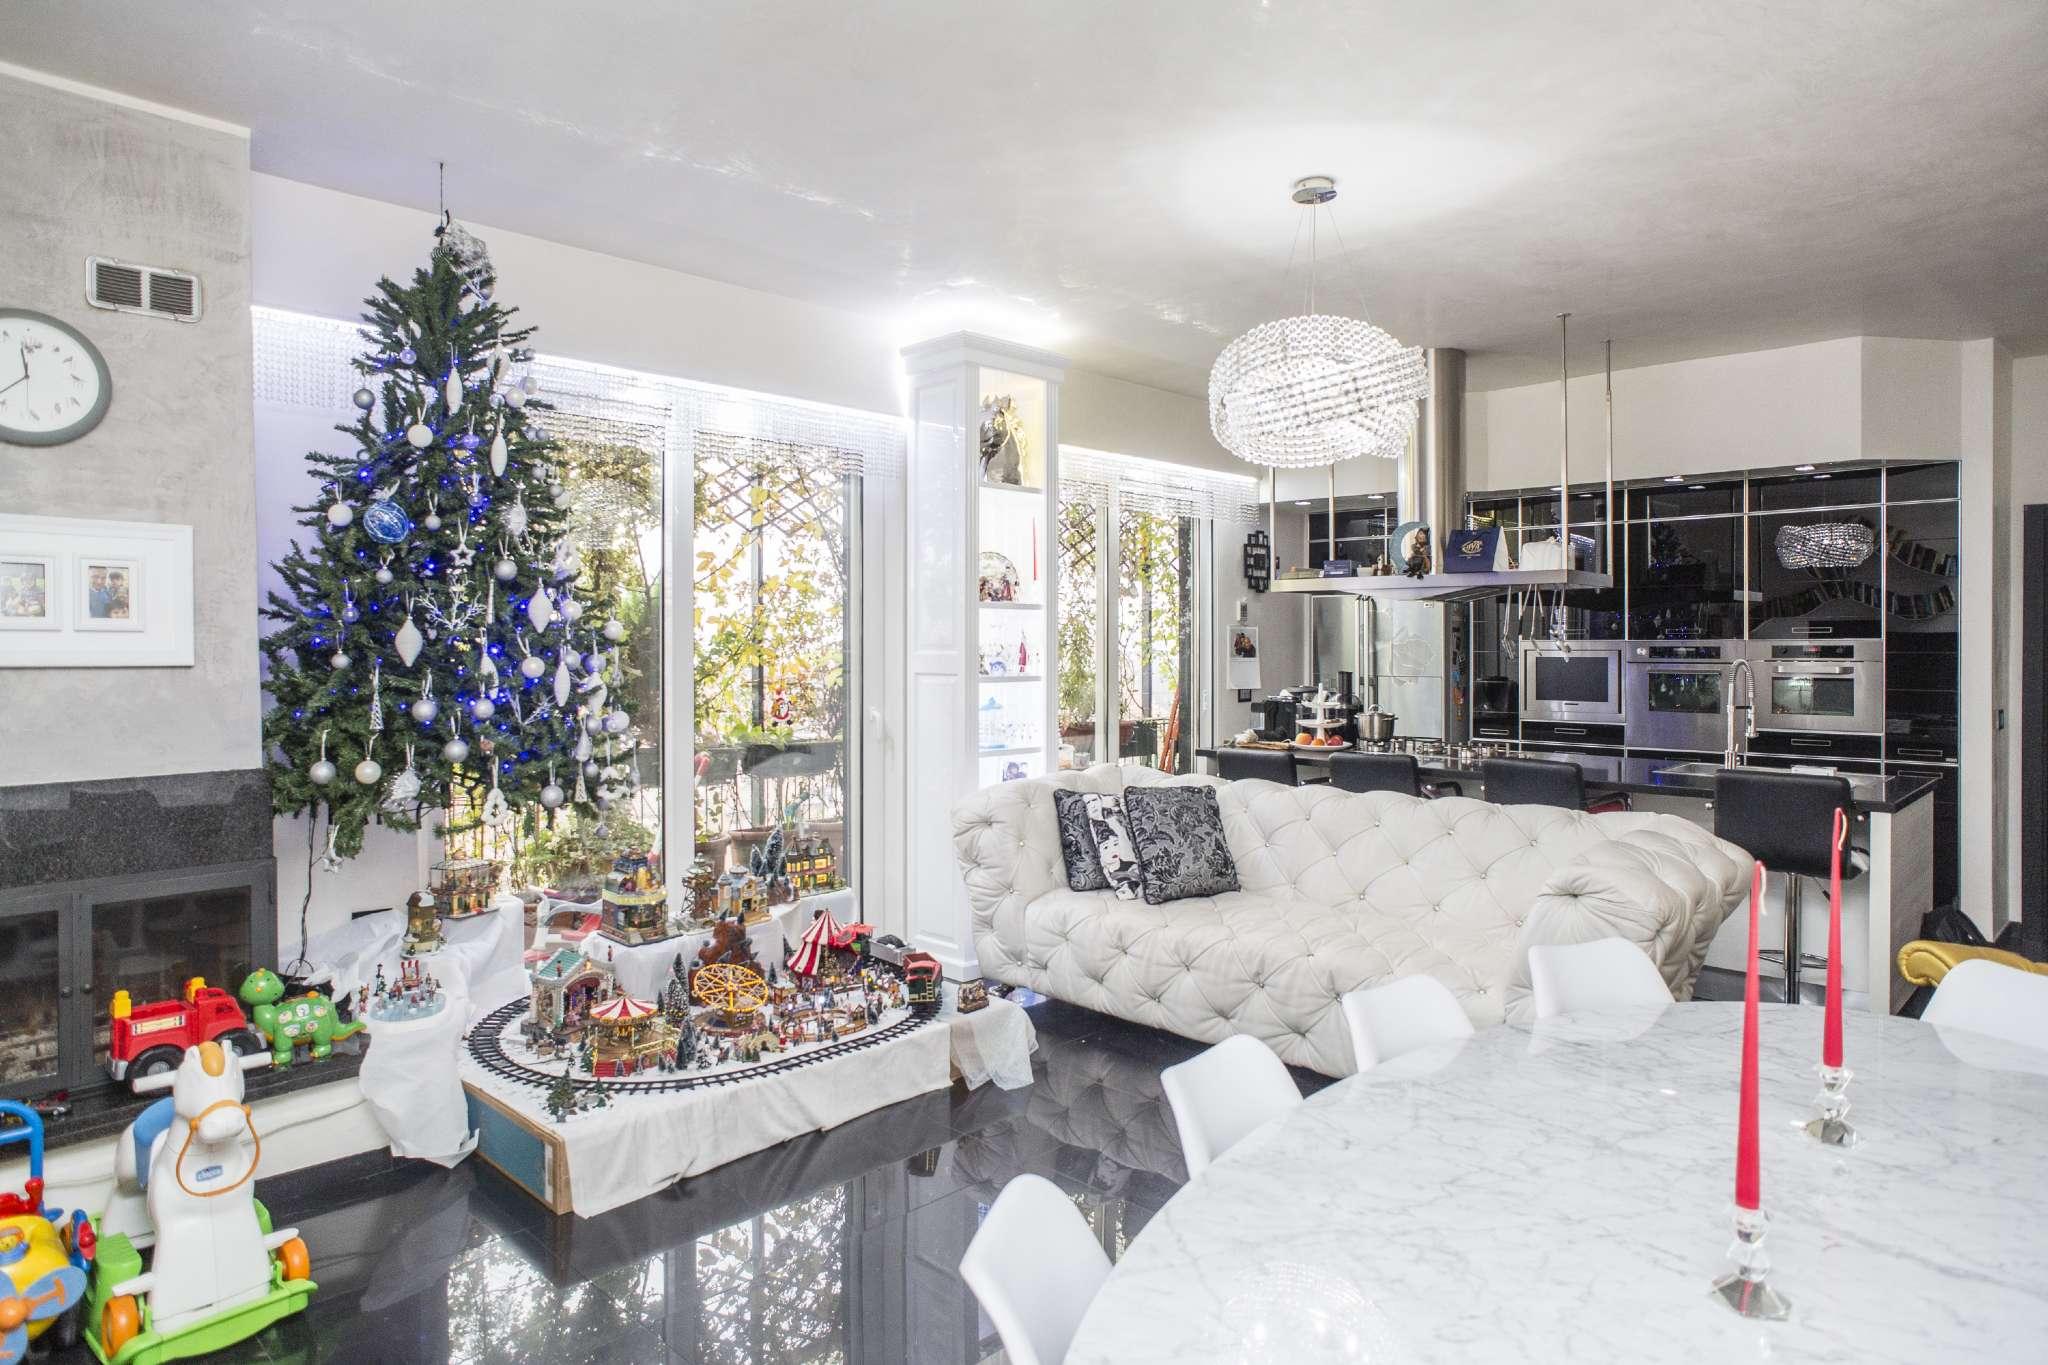 Appartamento in vendita 3 vani 125 mq.  via Via Novara  141 Milano